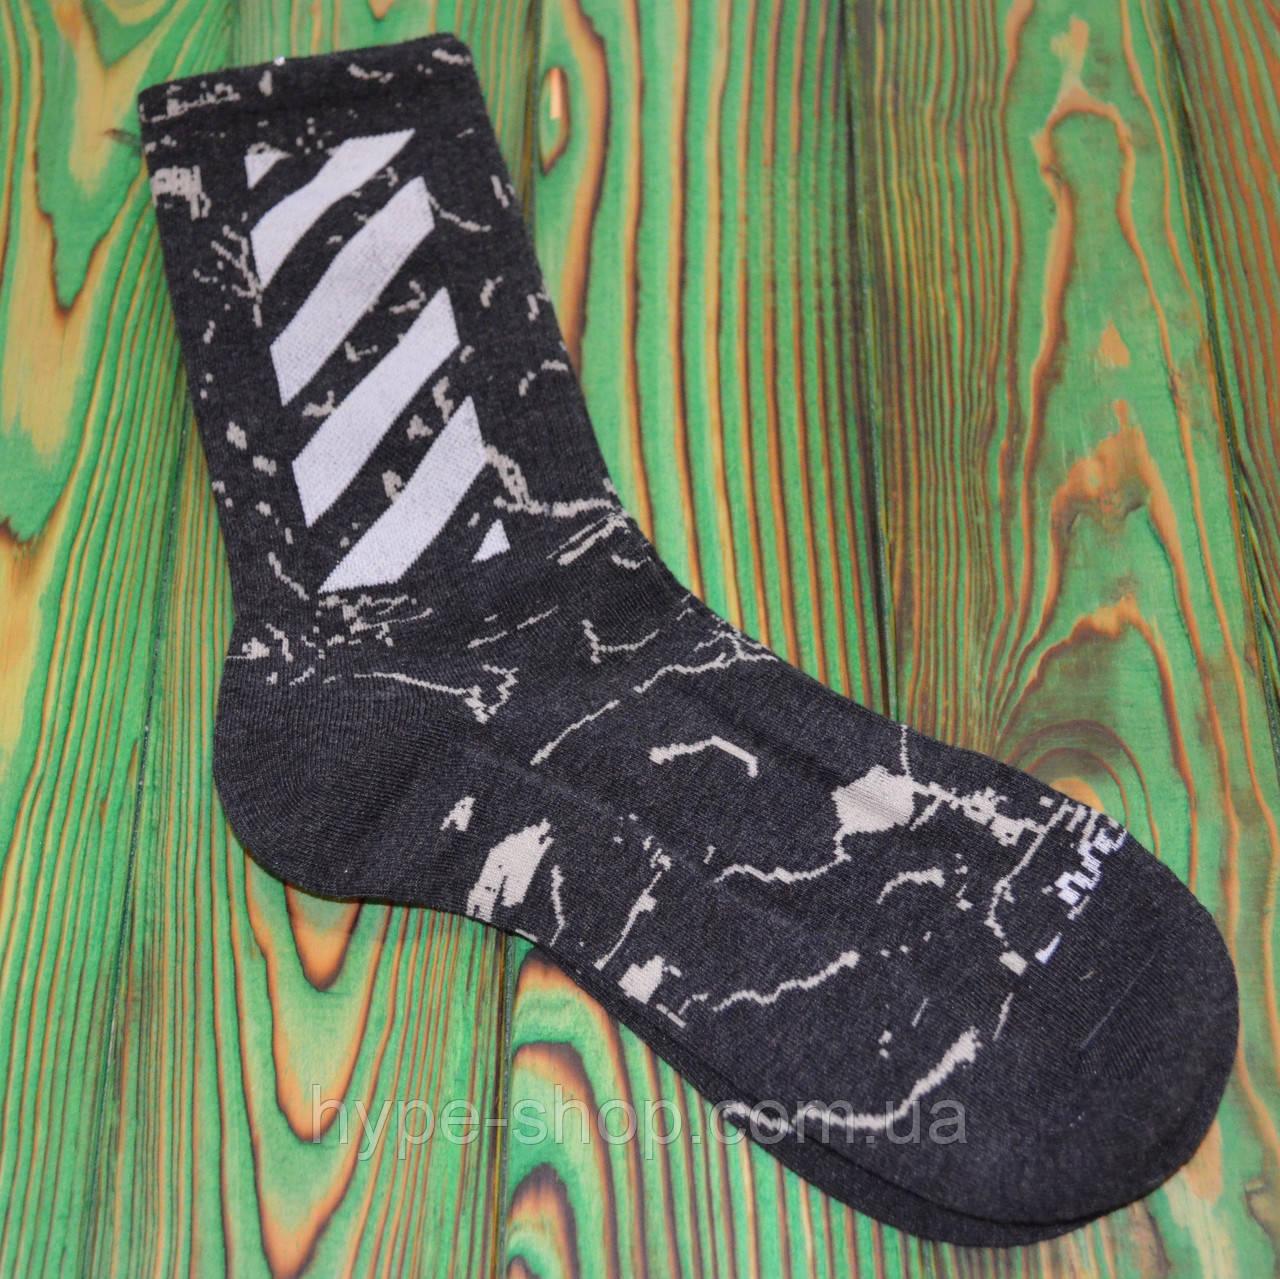 Чорні Шкарпетки в стилі Off-White Універсальні 36-45